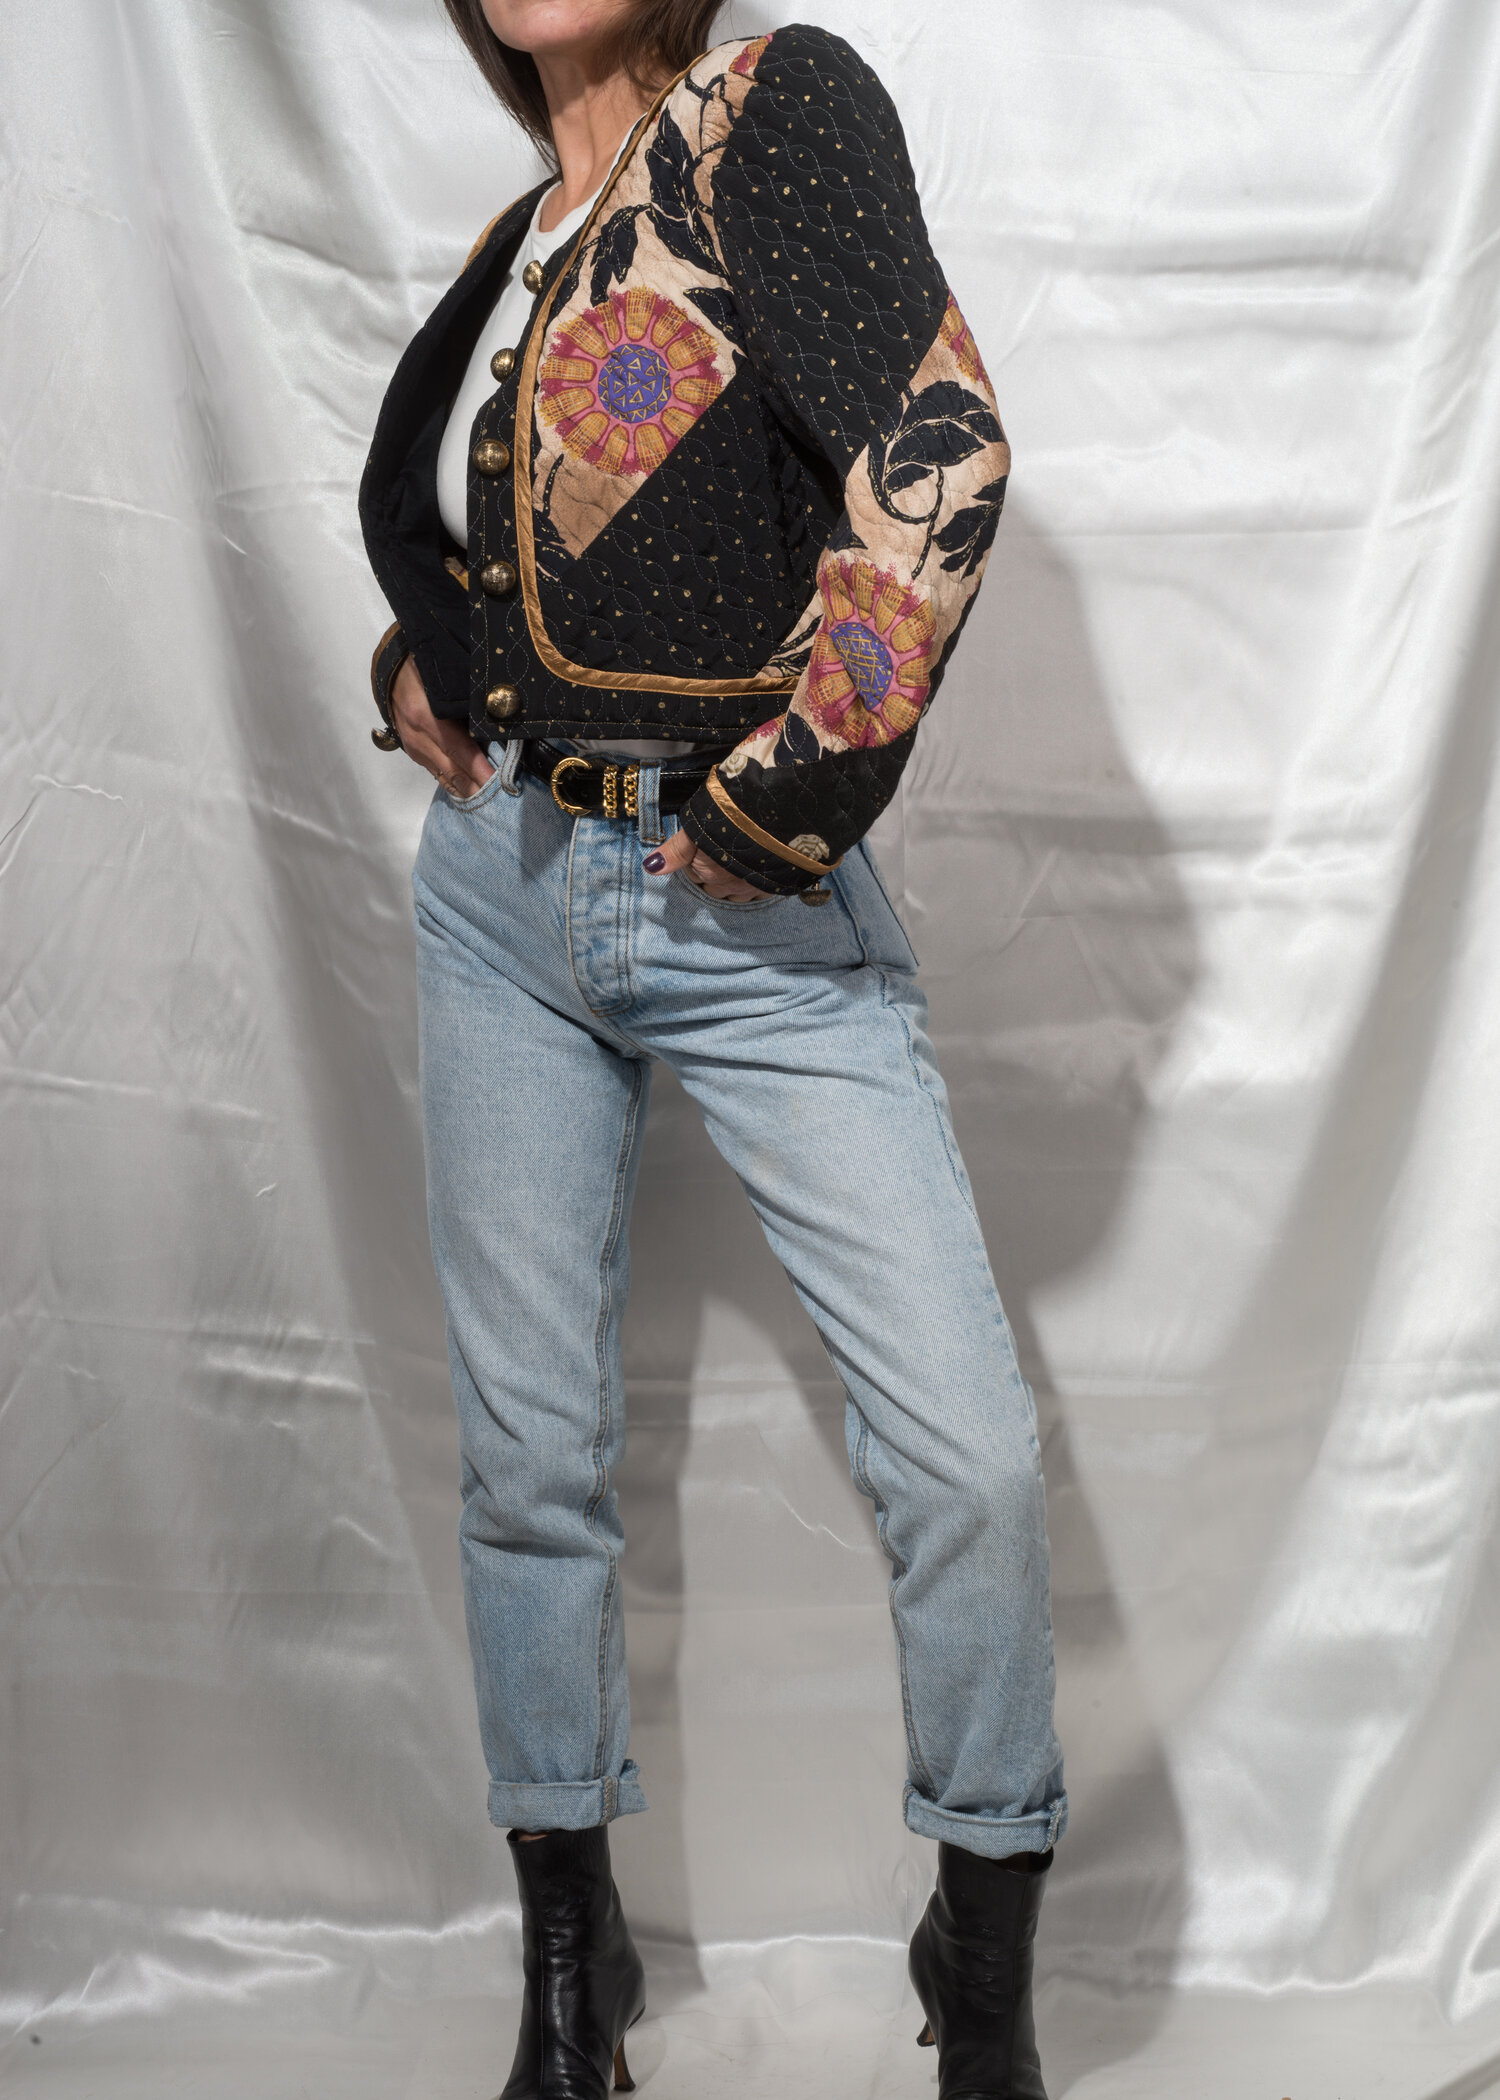 JEANNE MARC 80/'s Colorblock Blouse Vintage Patchwork Top Size 16-18